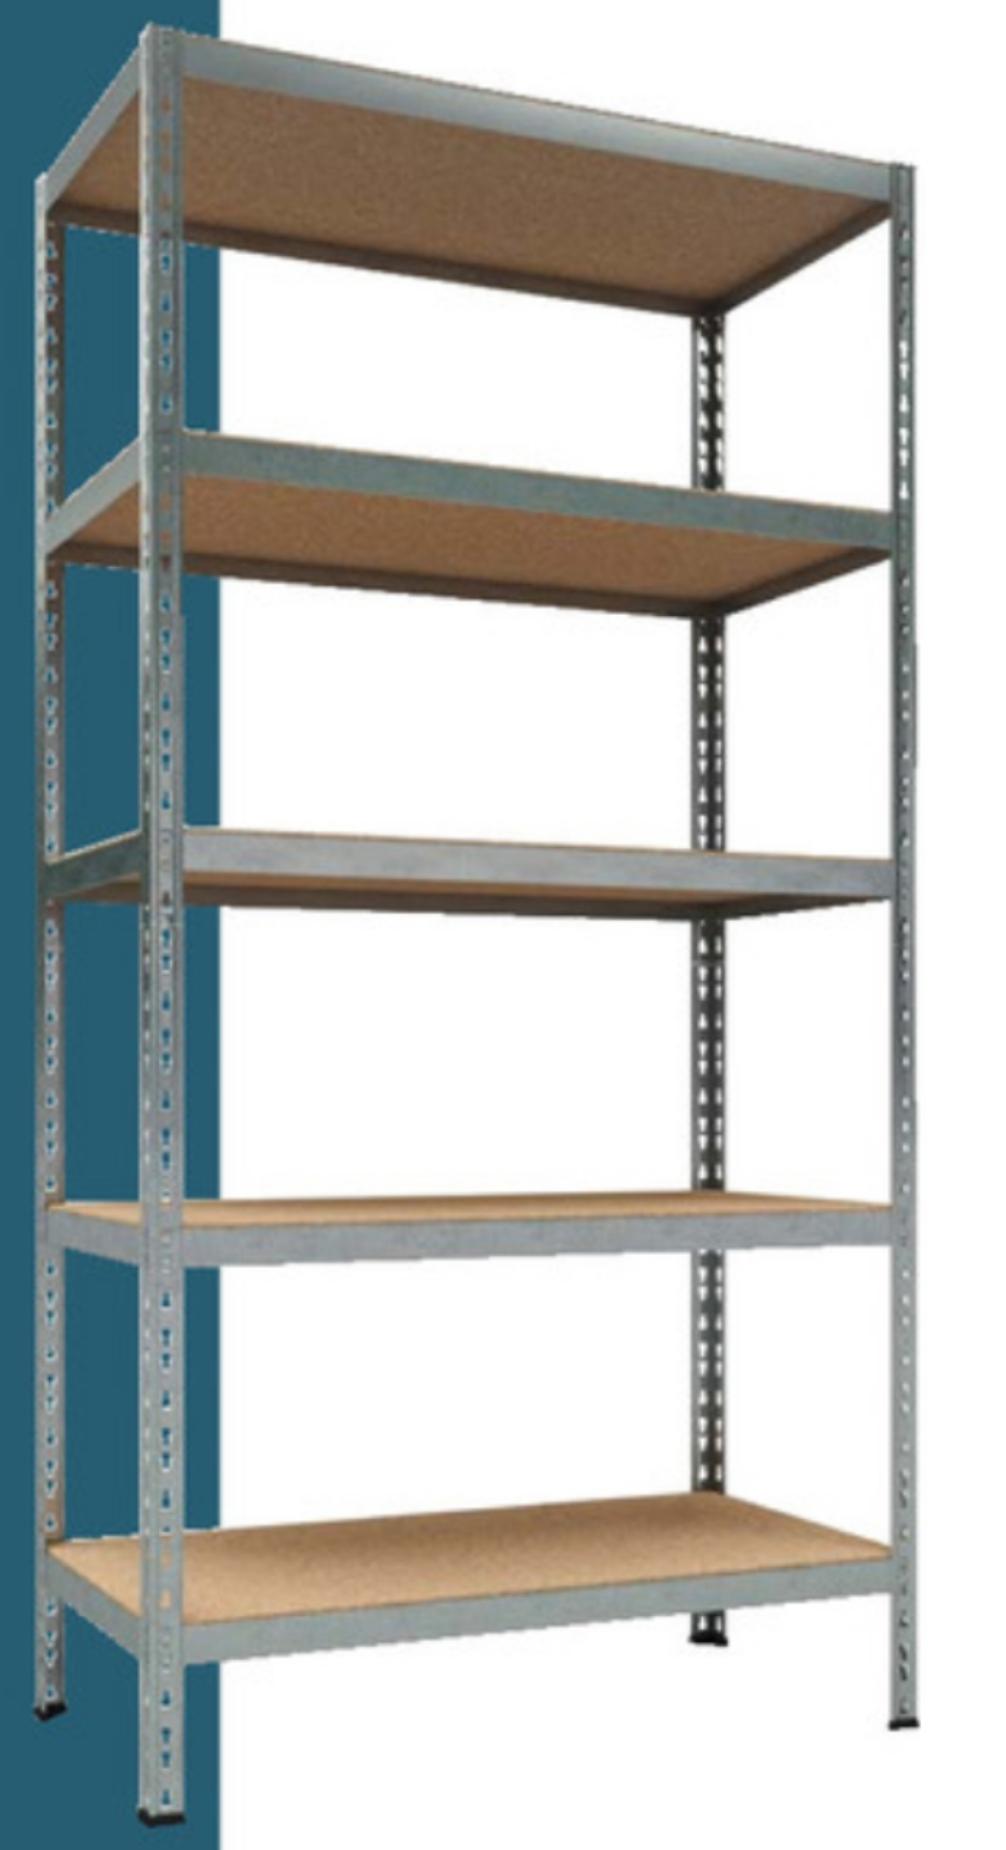 Étagères pour charges lourdes - 5 plateaux (charge 175 kg pour chacun), 180x92x46 cm